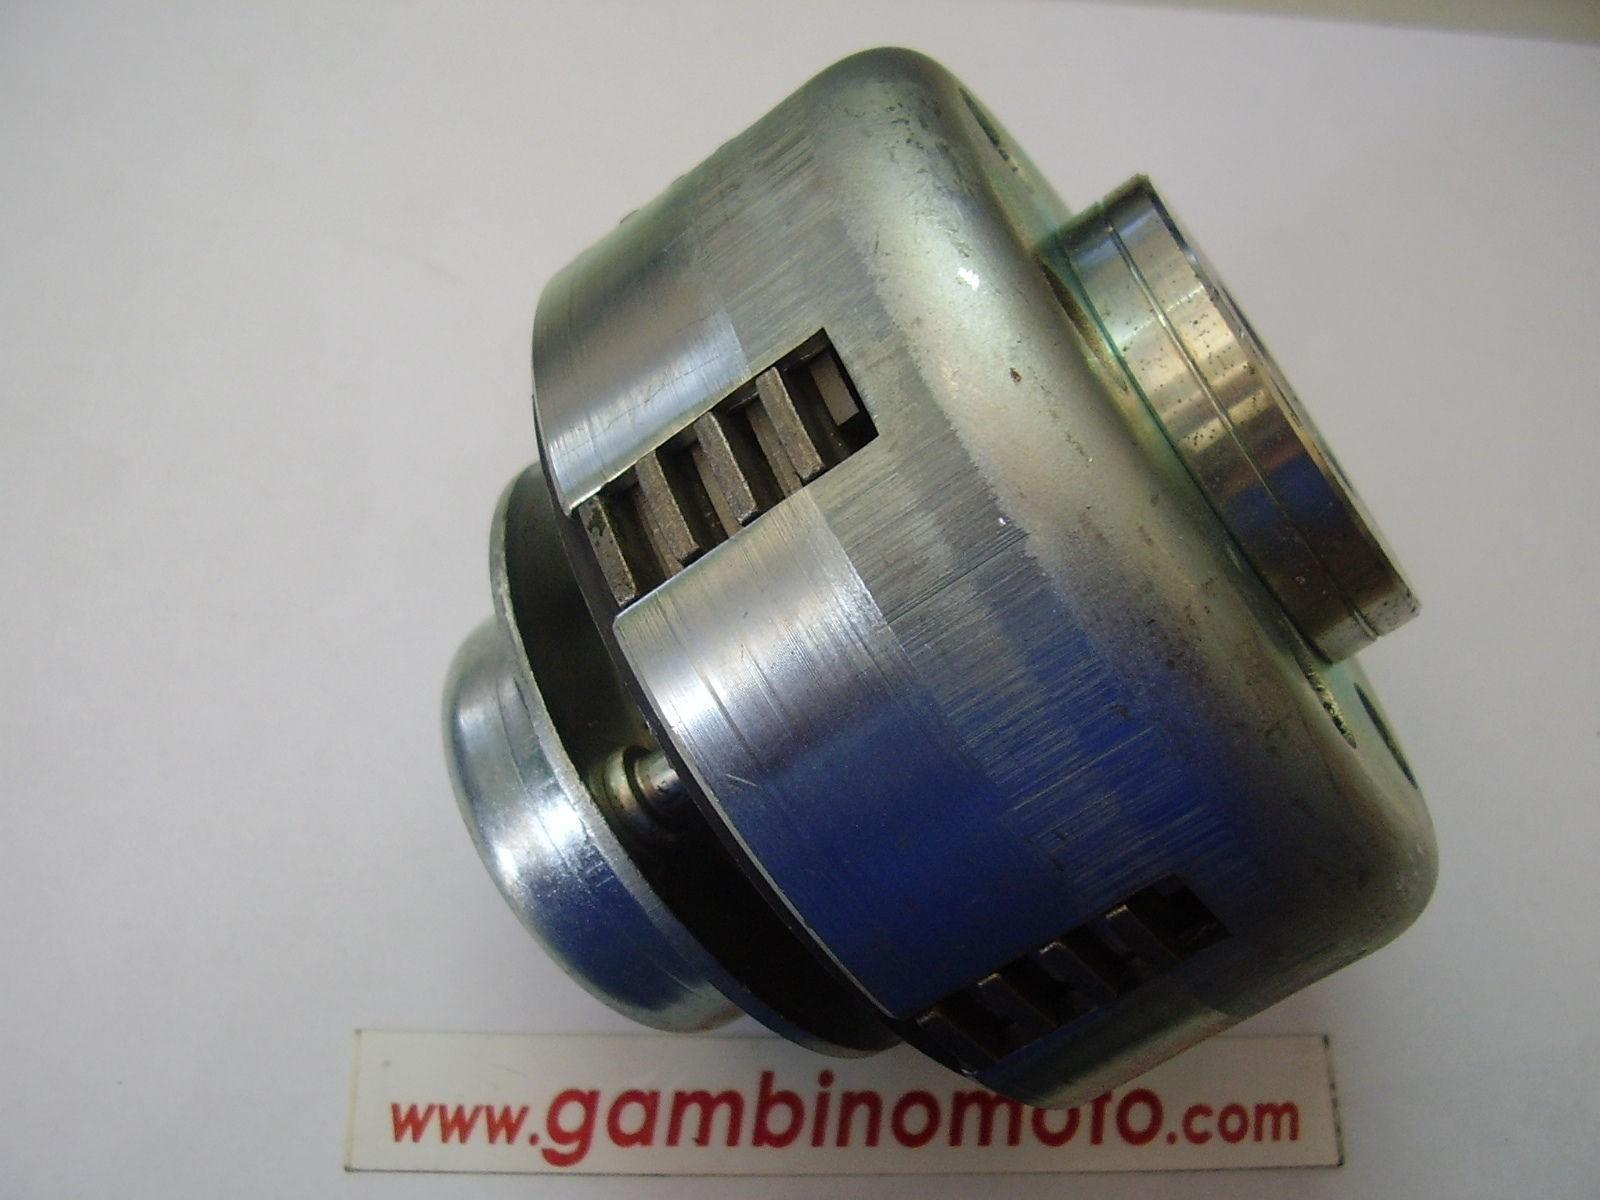 FRIZIONE COMPLETA MOTOCOLTIVATORE SEP 1500 - 1500 SPECIAL VALPADANA VMC120-130